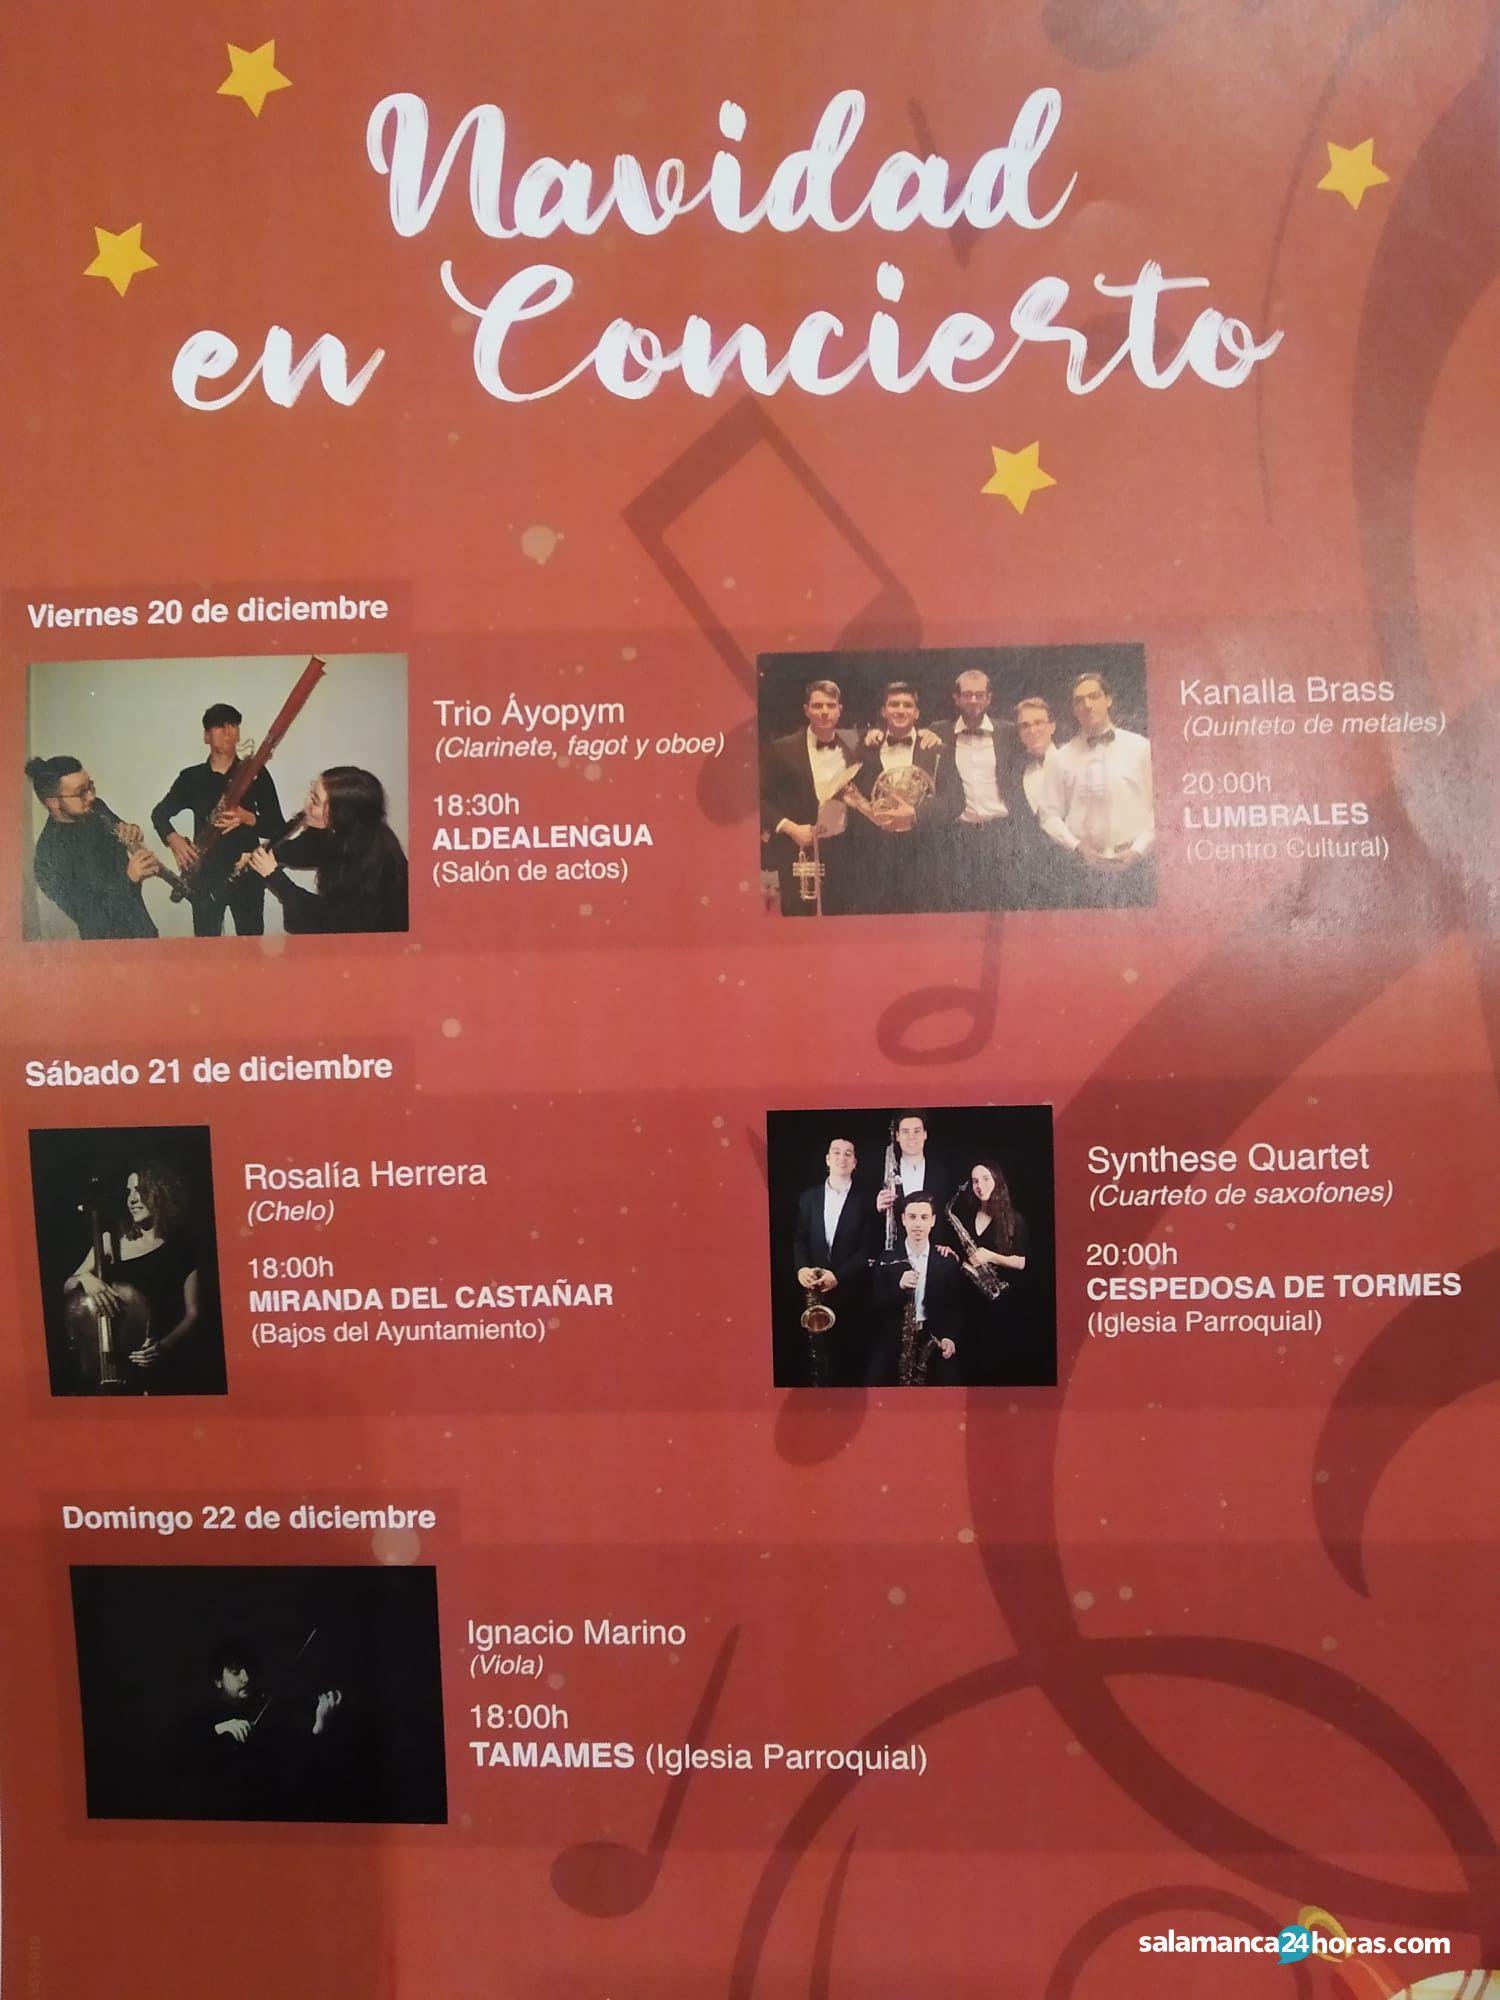 Navidad en concierto